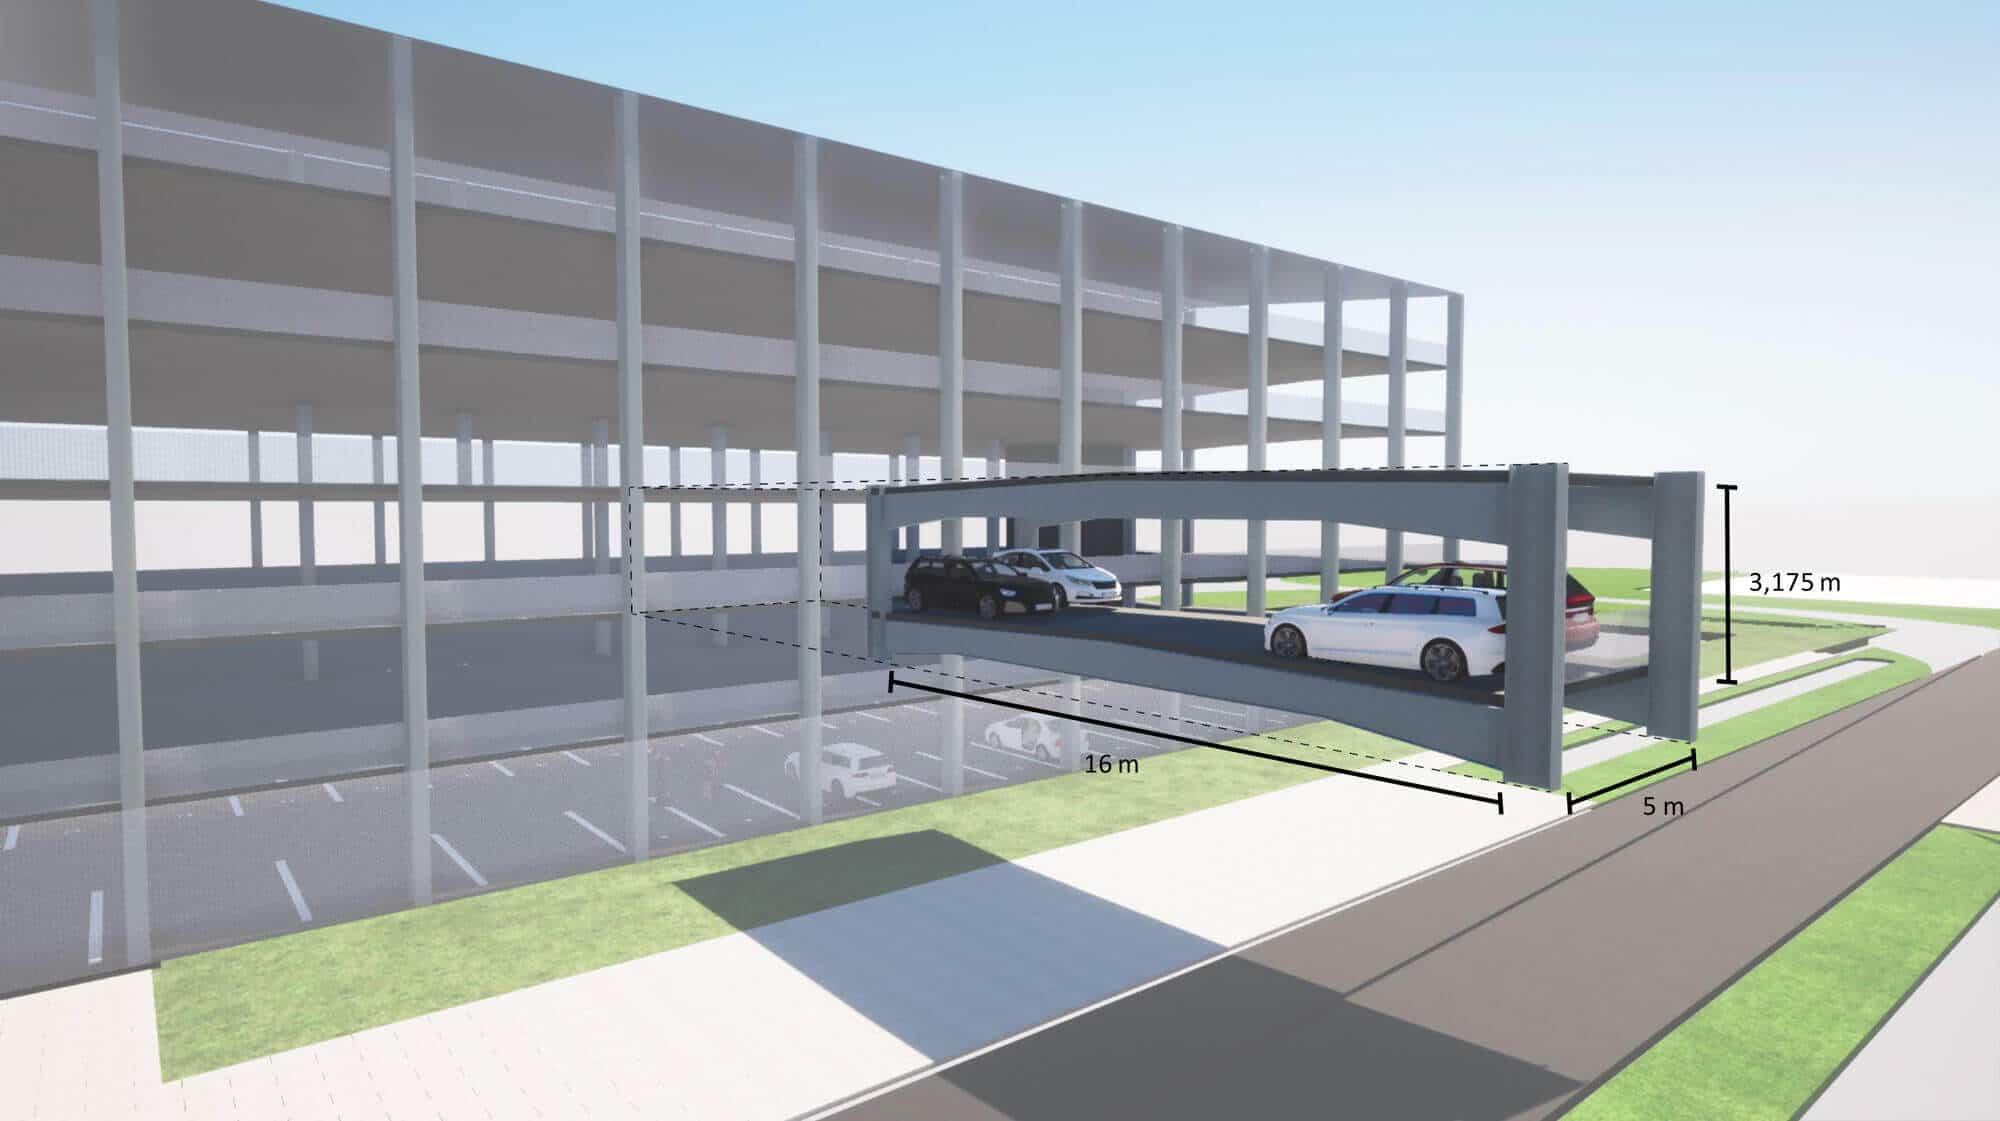 Das modulare Astron-Parkhaus basiert auf einem innovativen und flexiblen Bausystem